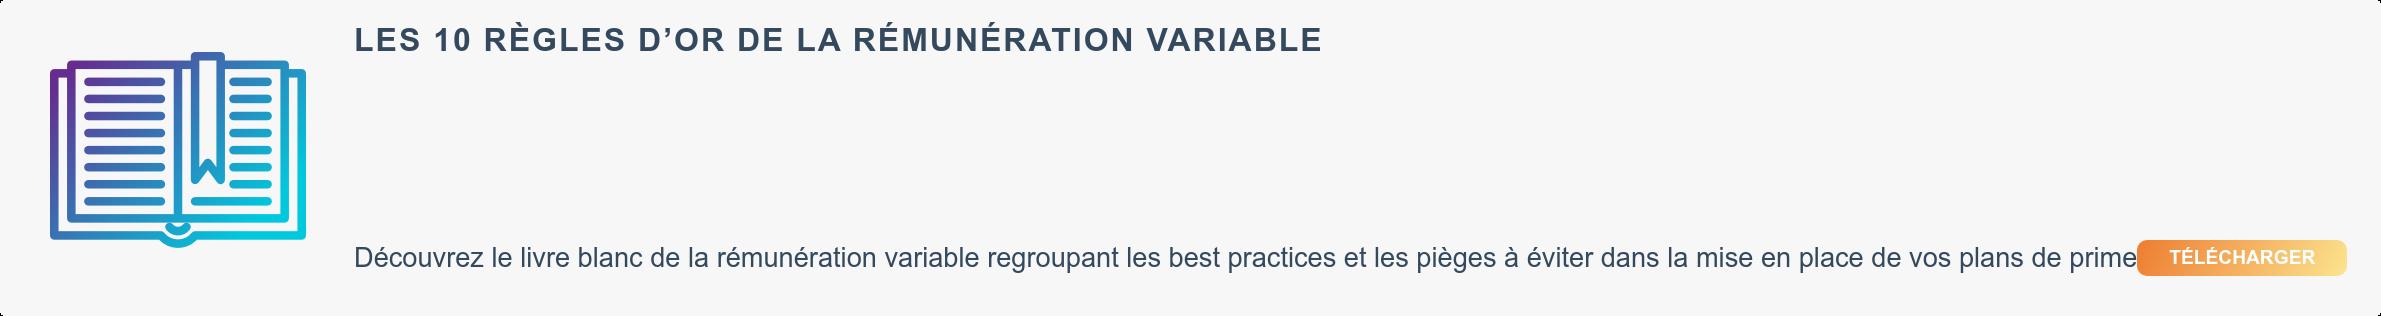 Les 10 règles d'or de la rémunération variable  Découvrez le livre blanc de la rémunération variable regroupant les best  practices et les pièges à éviter dans la mise en place de vos plans de prime  Télécharger